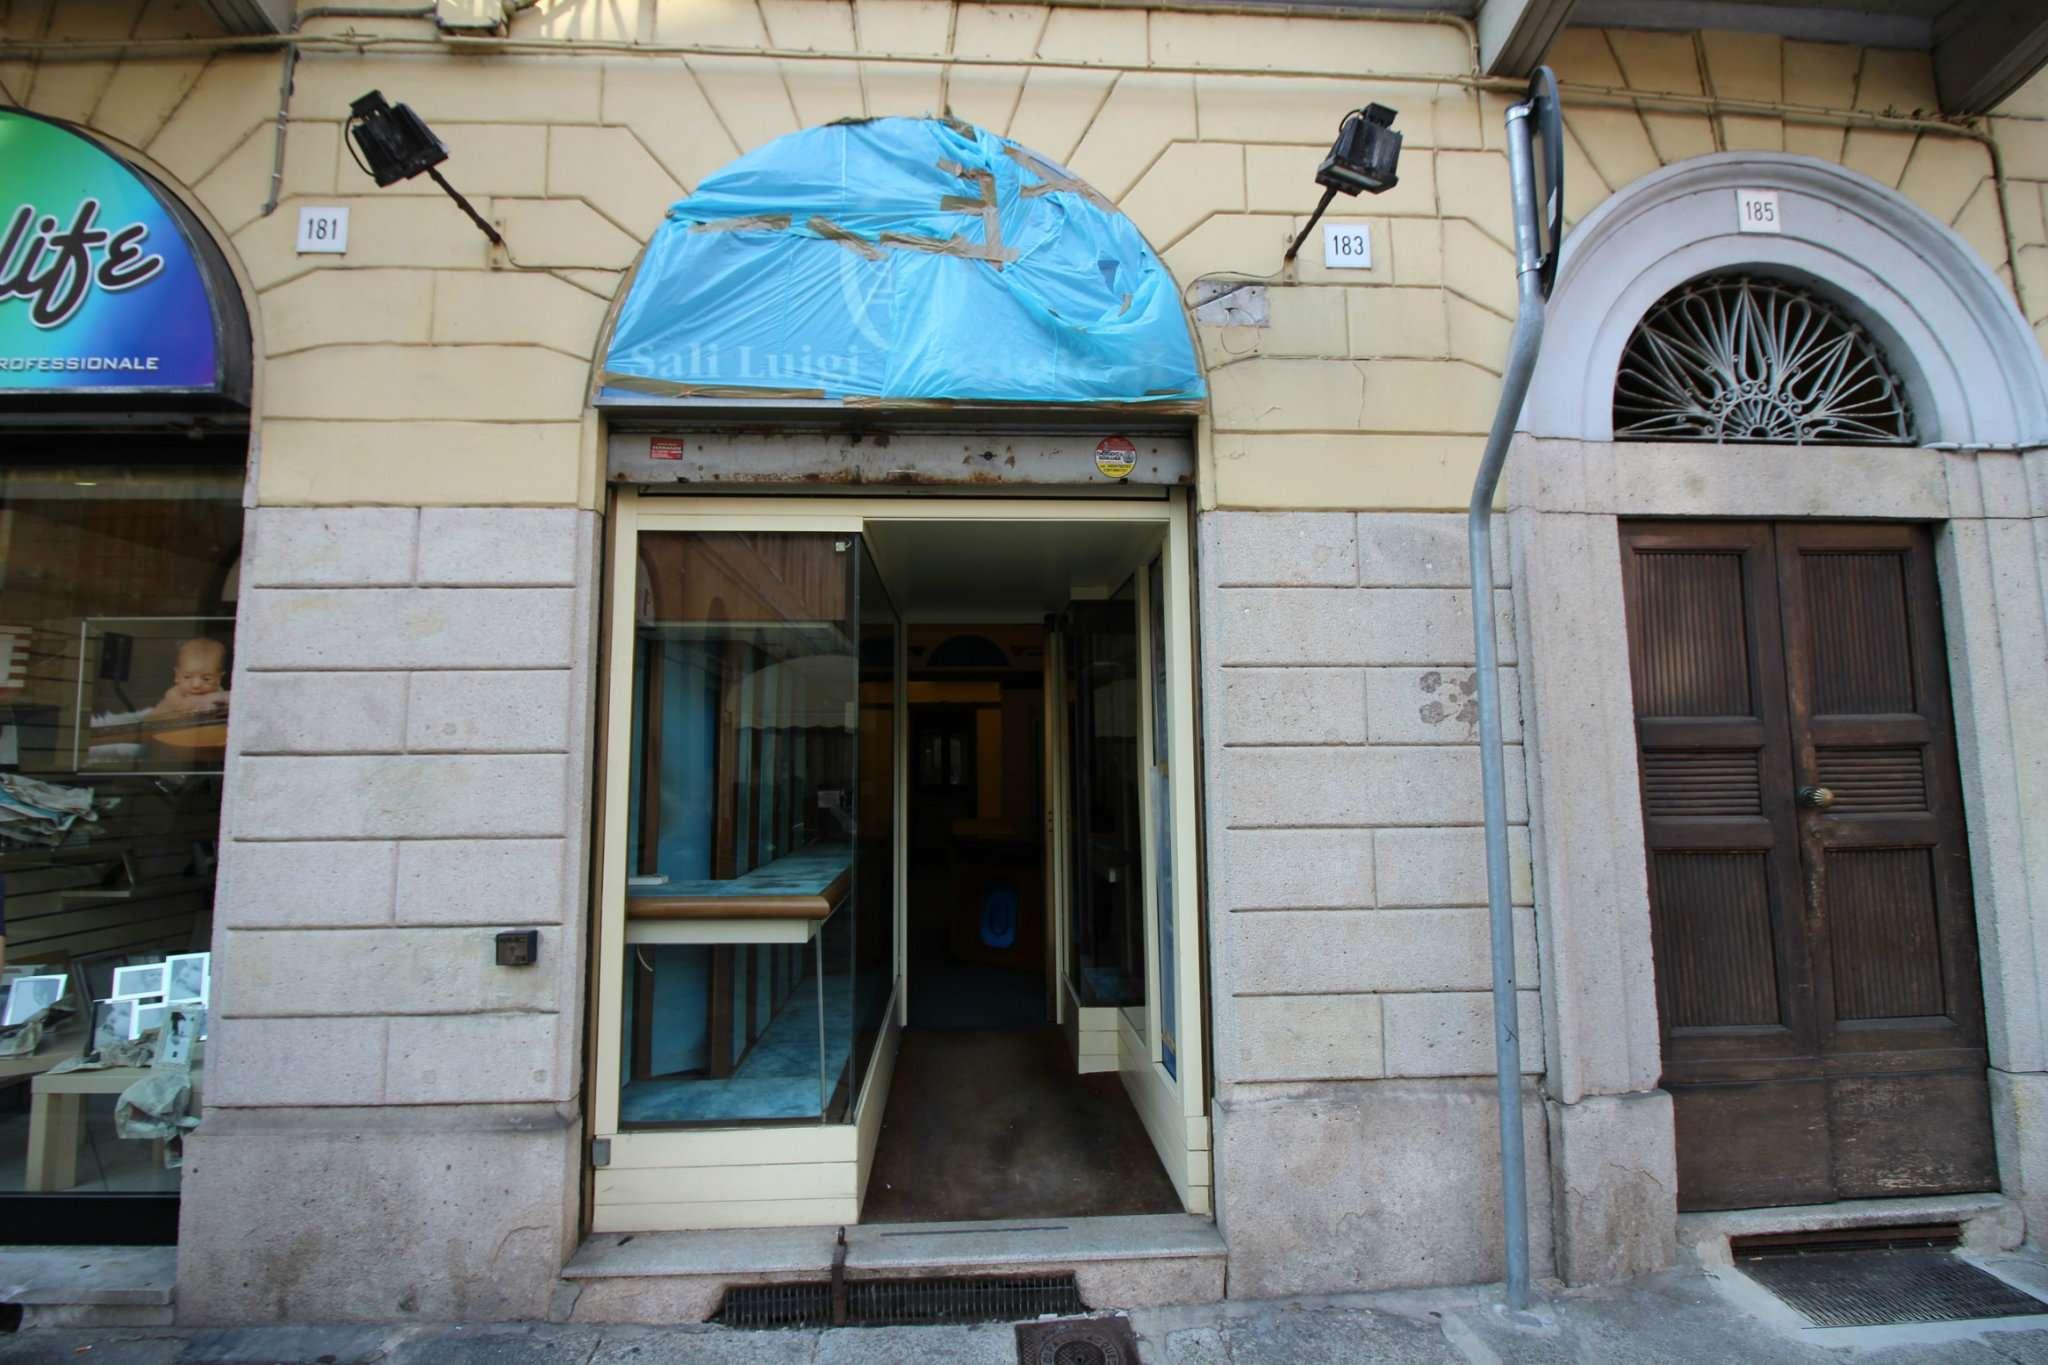 Negozio / Locale in affitto a Vercelli, 2 locali, prezzo € 600 | CambioCasa.it